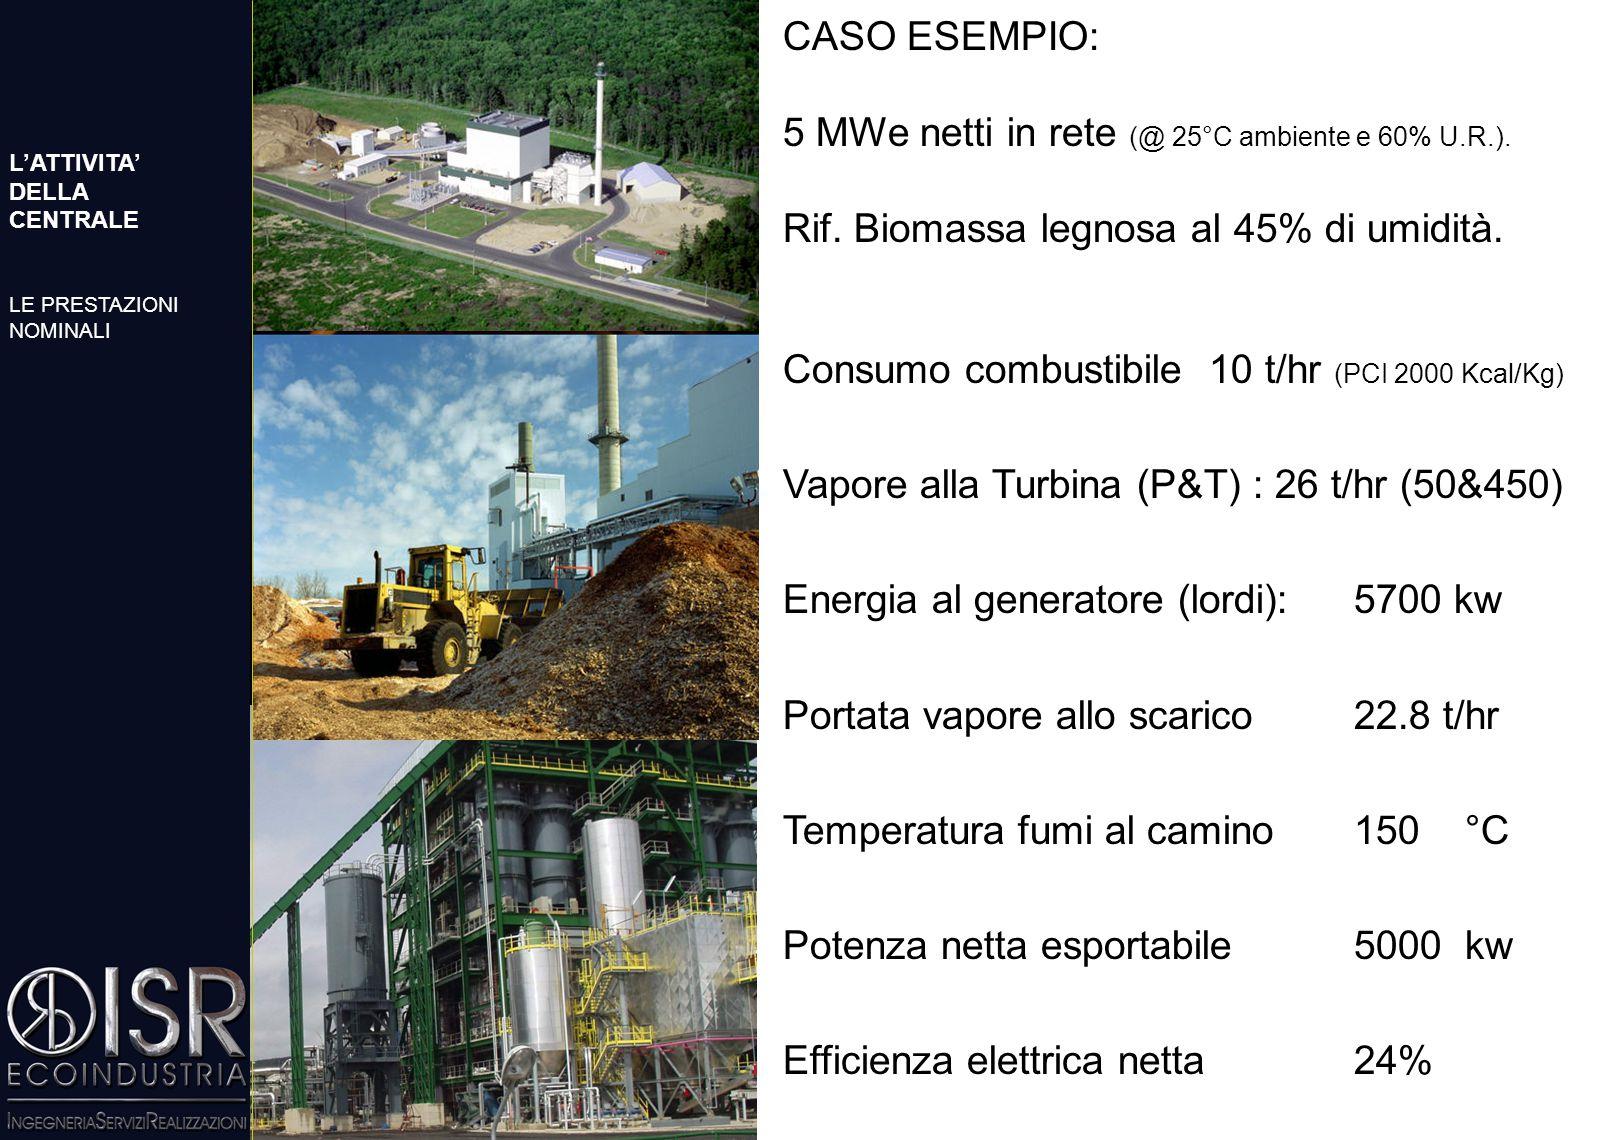 La preparazione del combustibile: deve essere resa semplice ed affidabile, cercando nello stesso tempo di produrre miscele di combustibile omogenee.